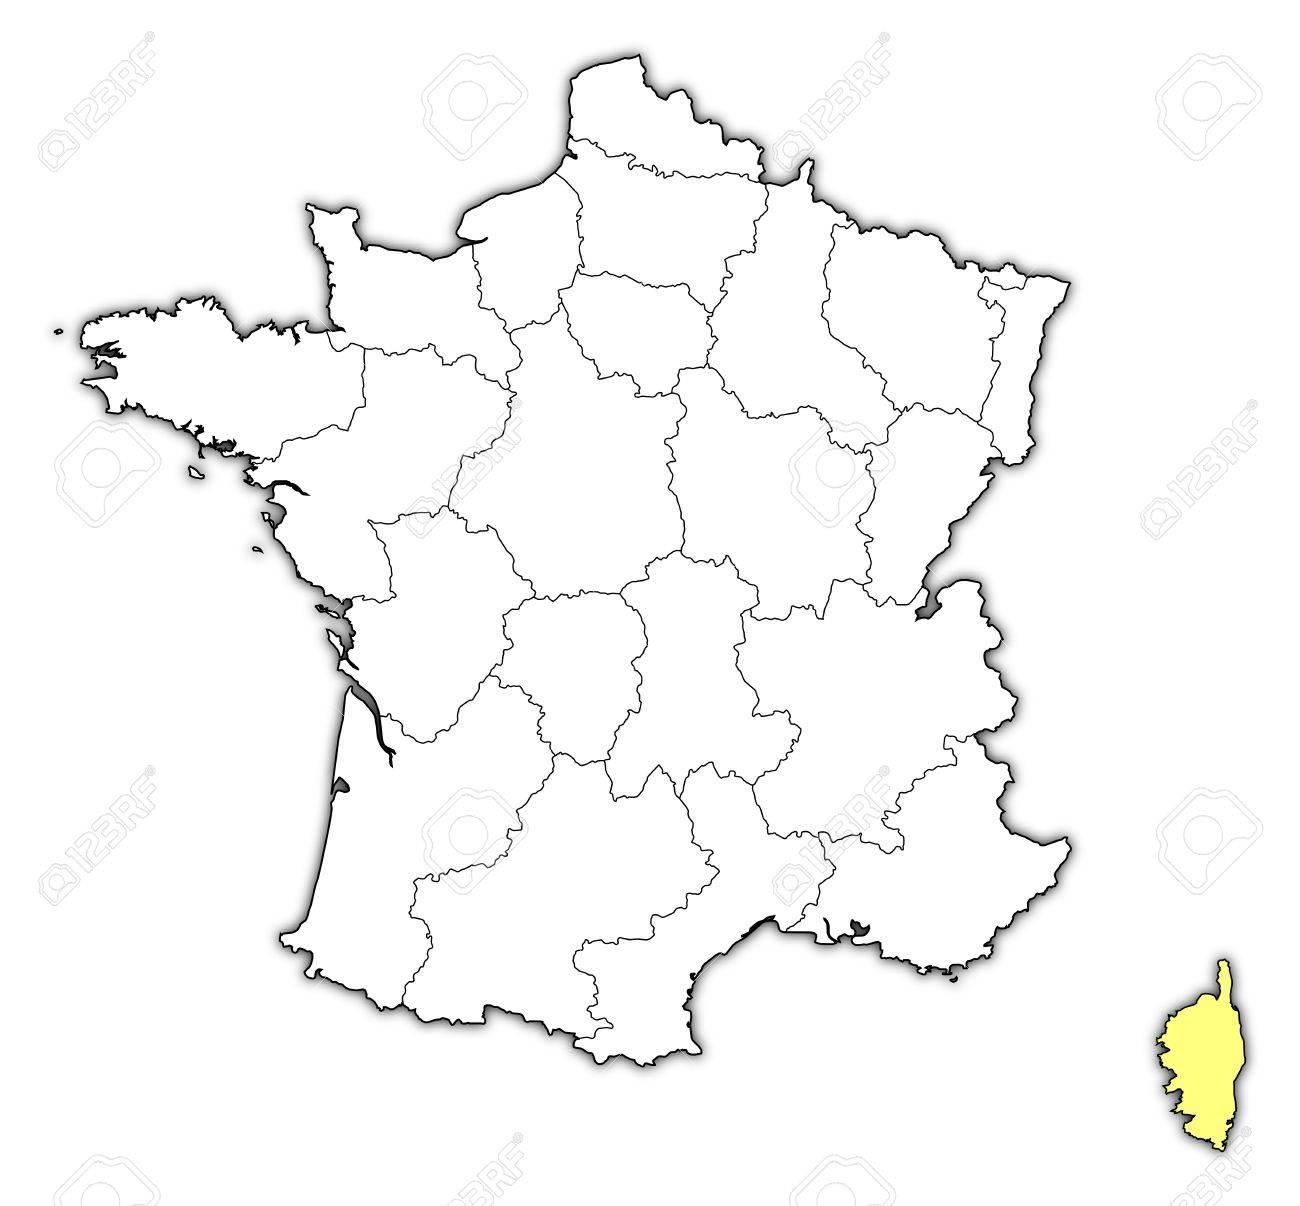 Francia Politica Cartina.Mappa Politica Della Francia Con Le Varie Regioni In Cui E Evidenziata La Corsica